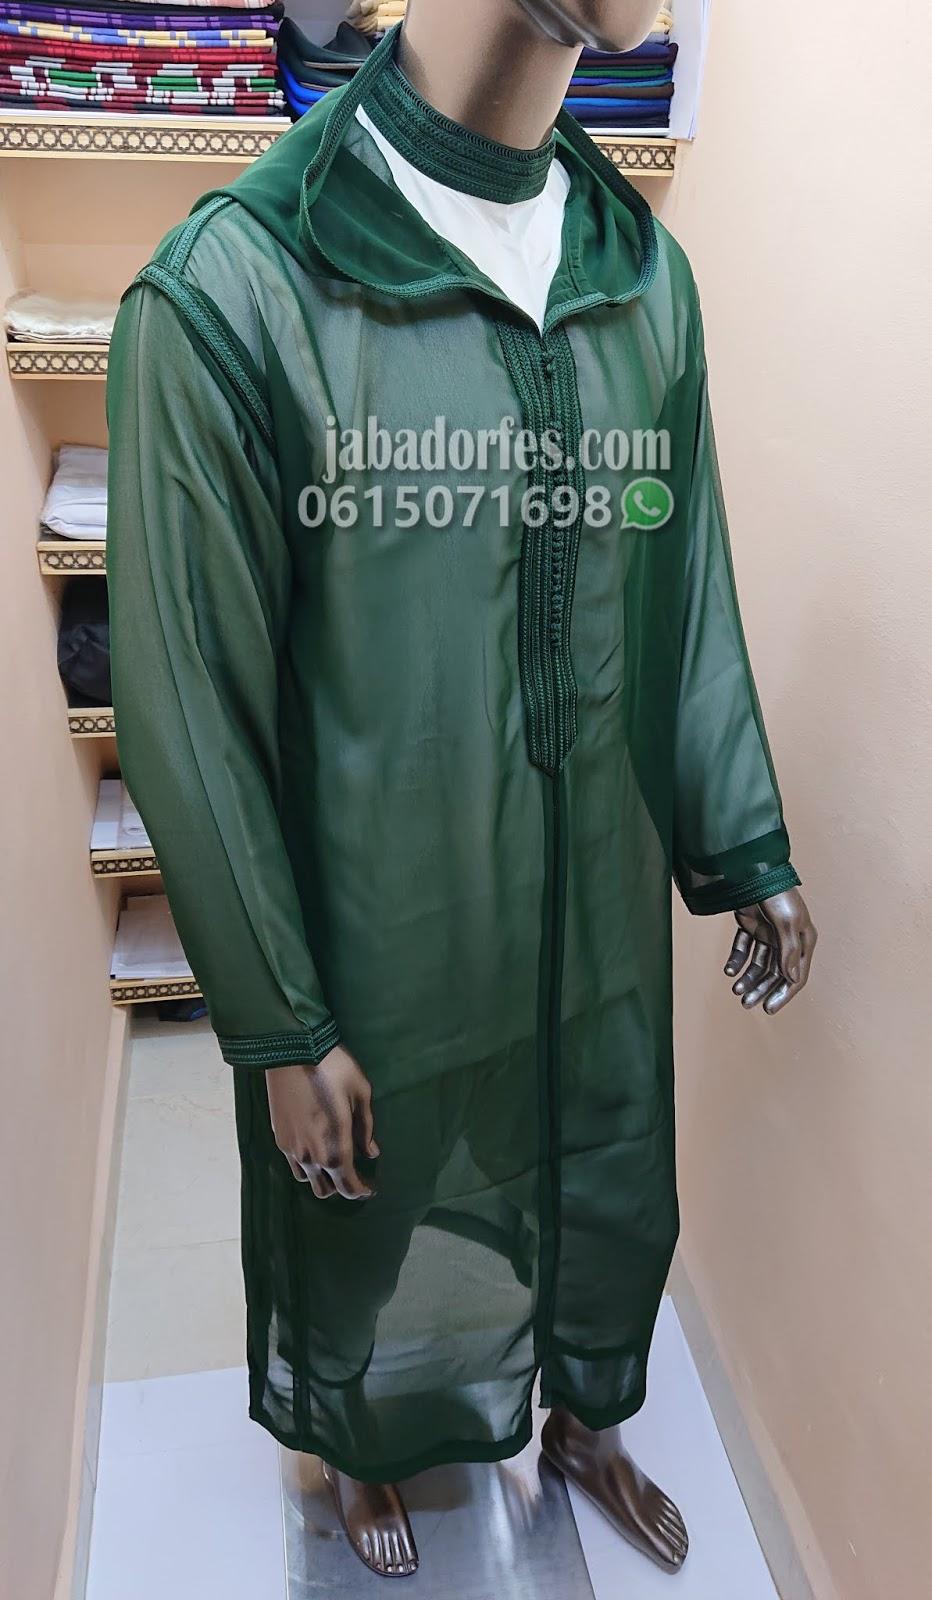 888c86d2b اللباس التقليدي المغربي للرجال